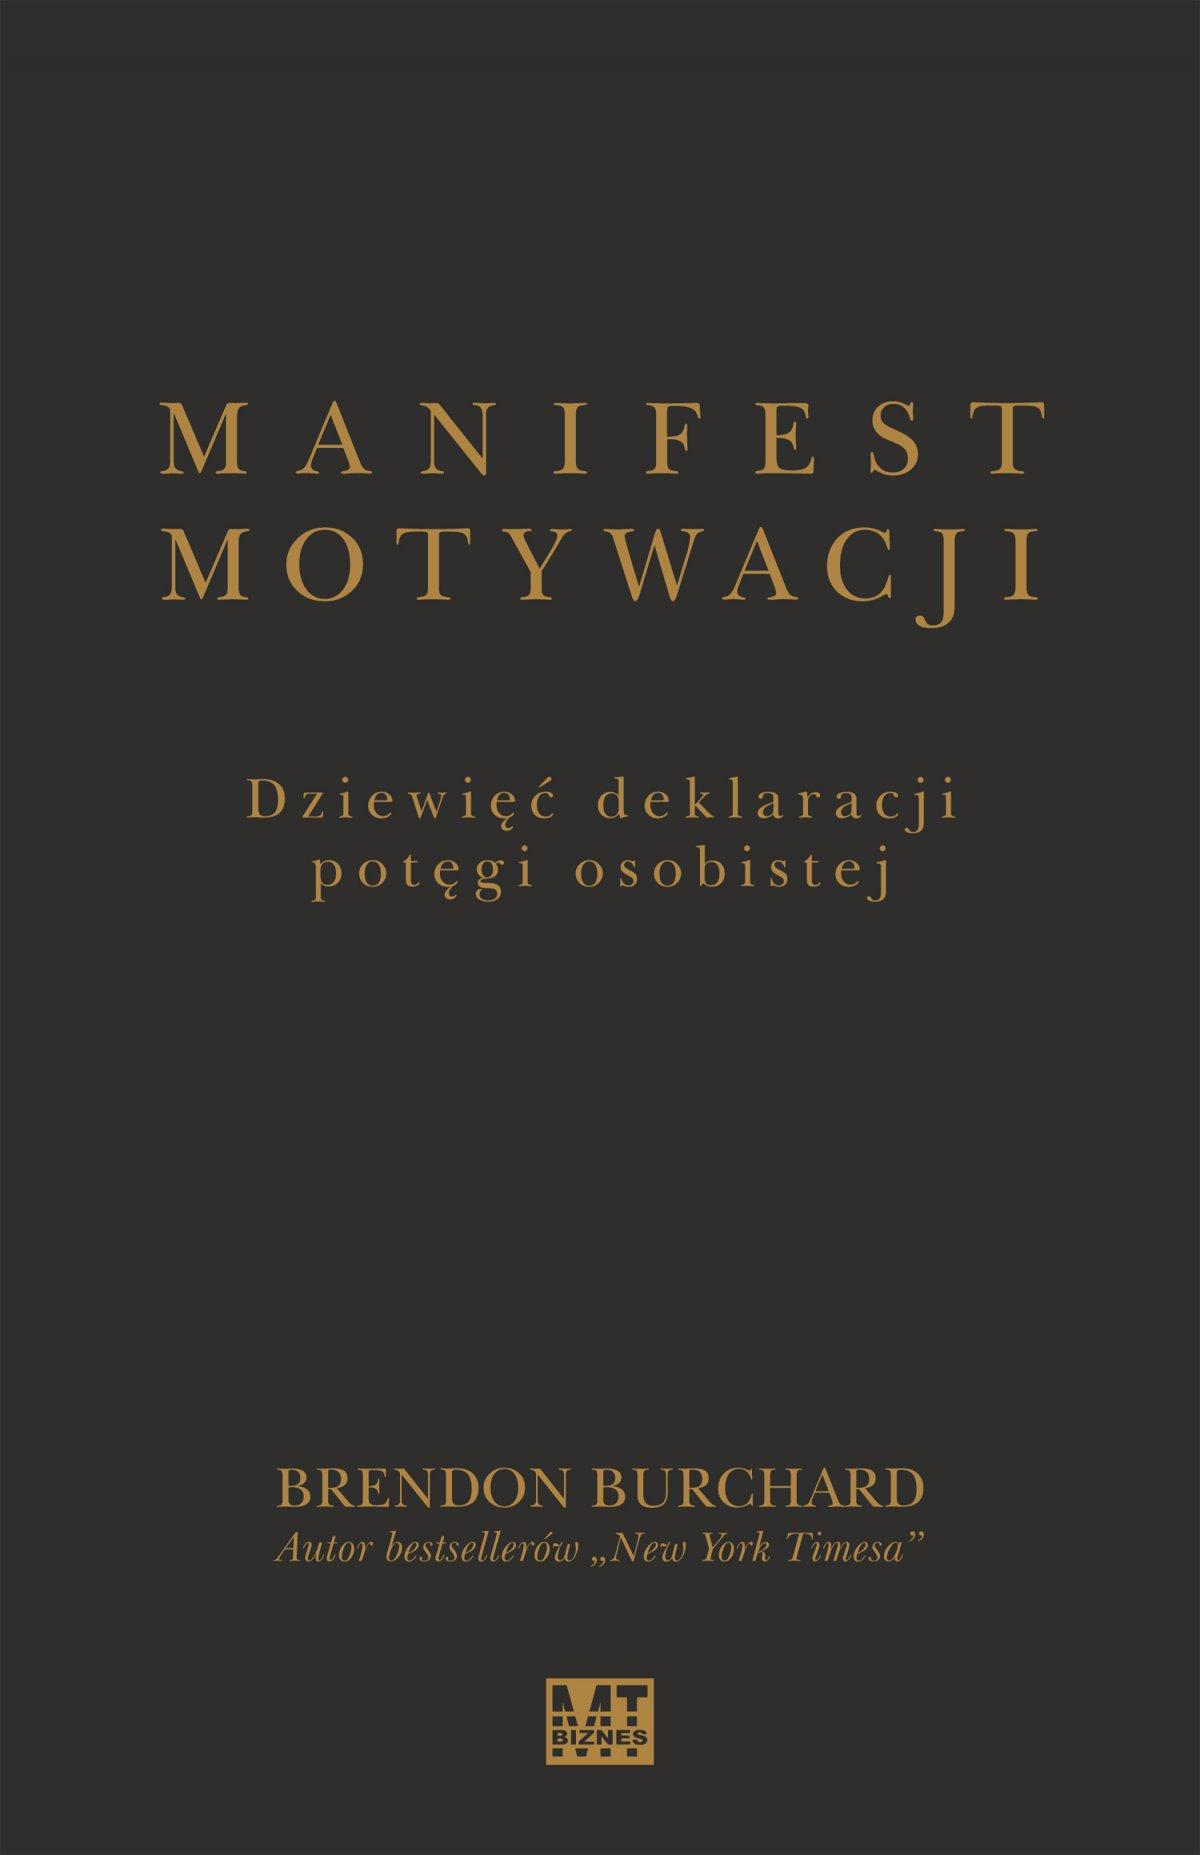 Manifest motywacji - Ebook (Książka EPUB) do pobrania w formacie EPUB